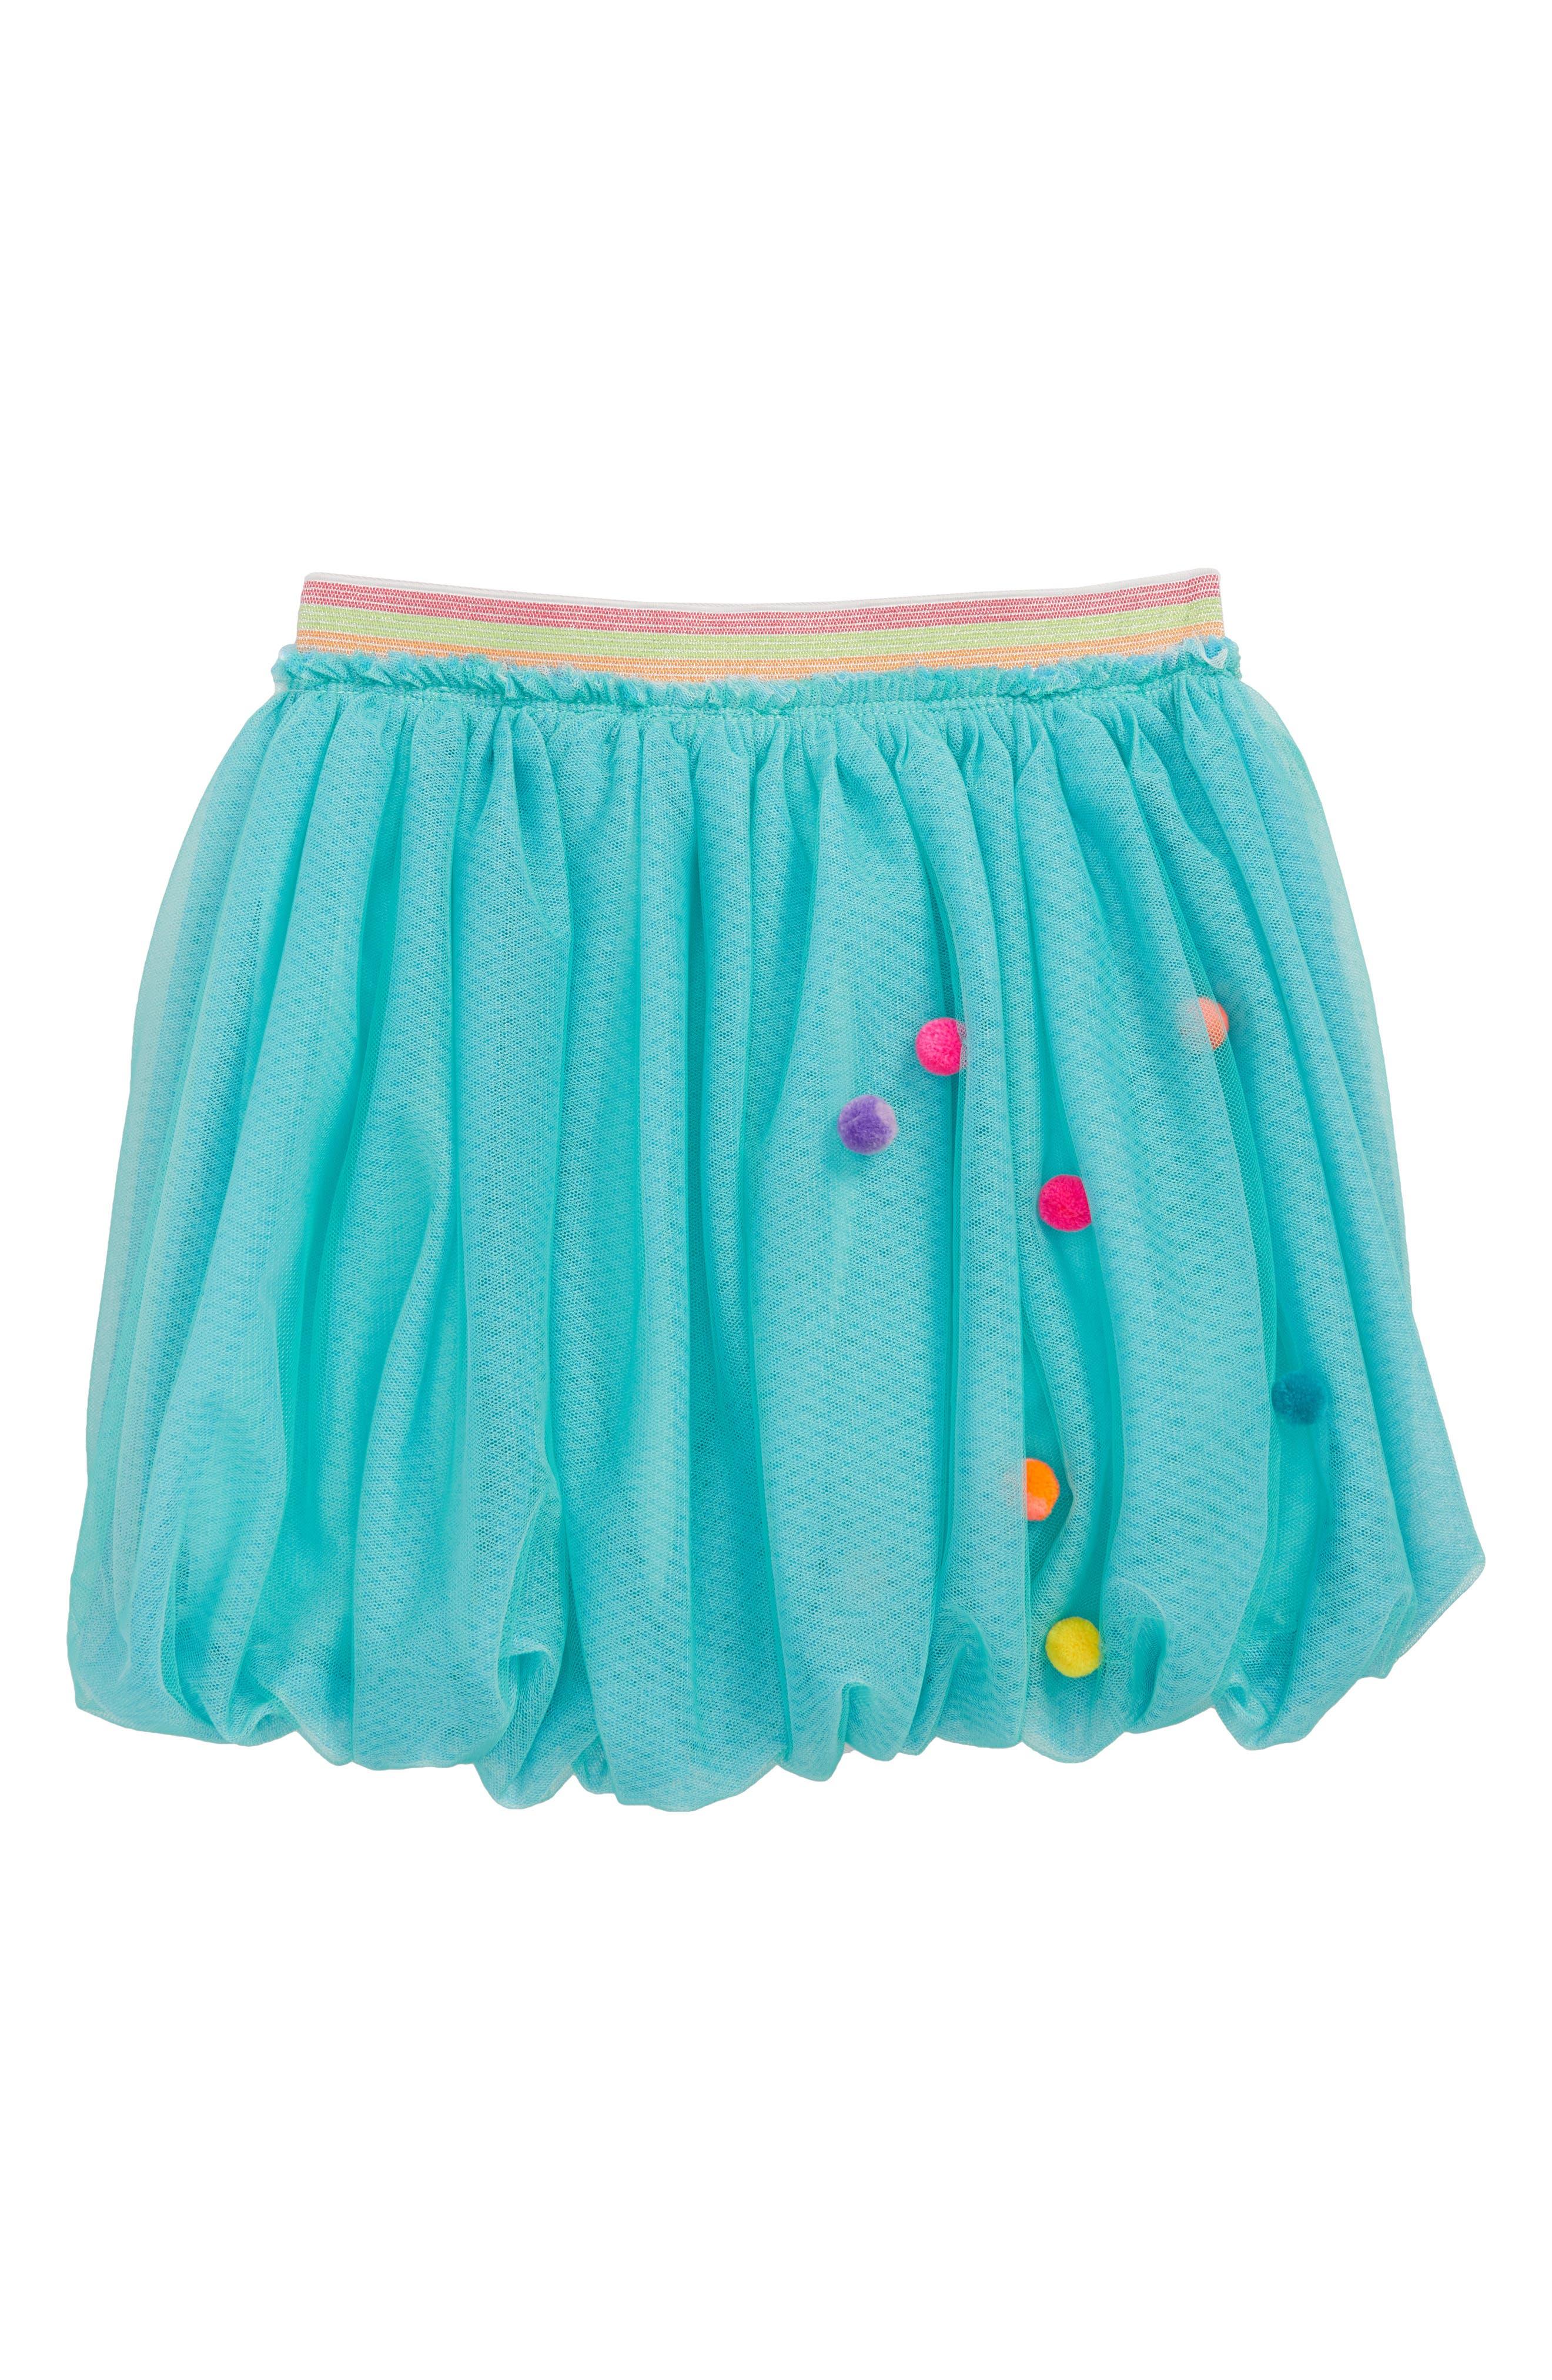 Pompom Bubble Tutu Skirt,                             Main thumbnail 1, color,                             400